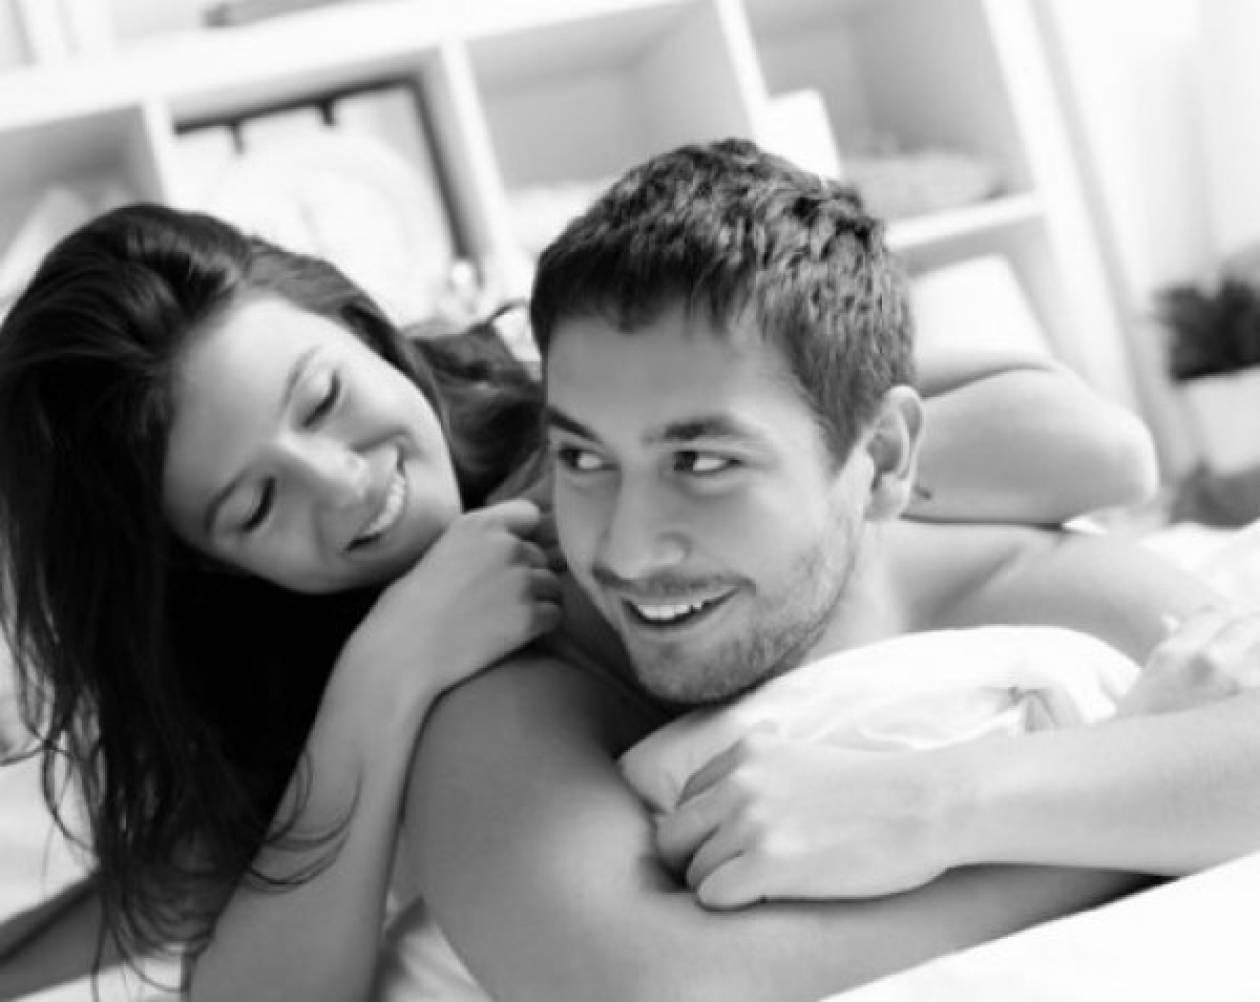 Λόγοι για τους οποίους είναι καλύτερο να είσαι single